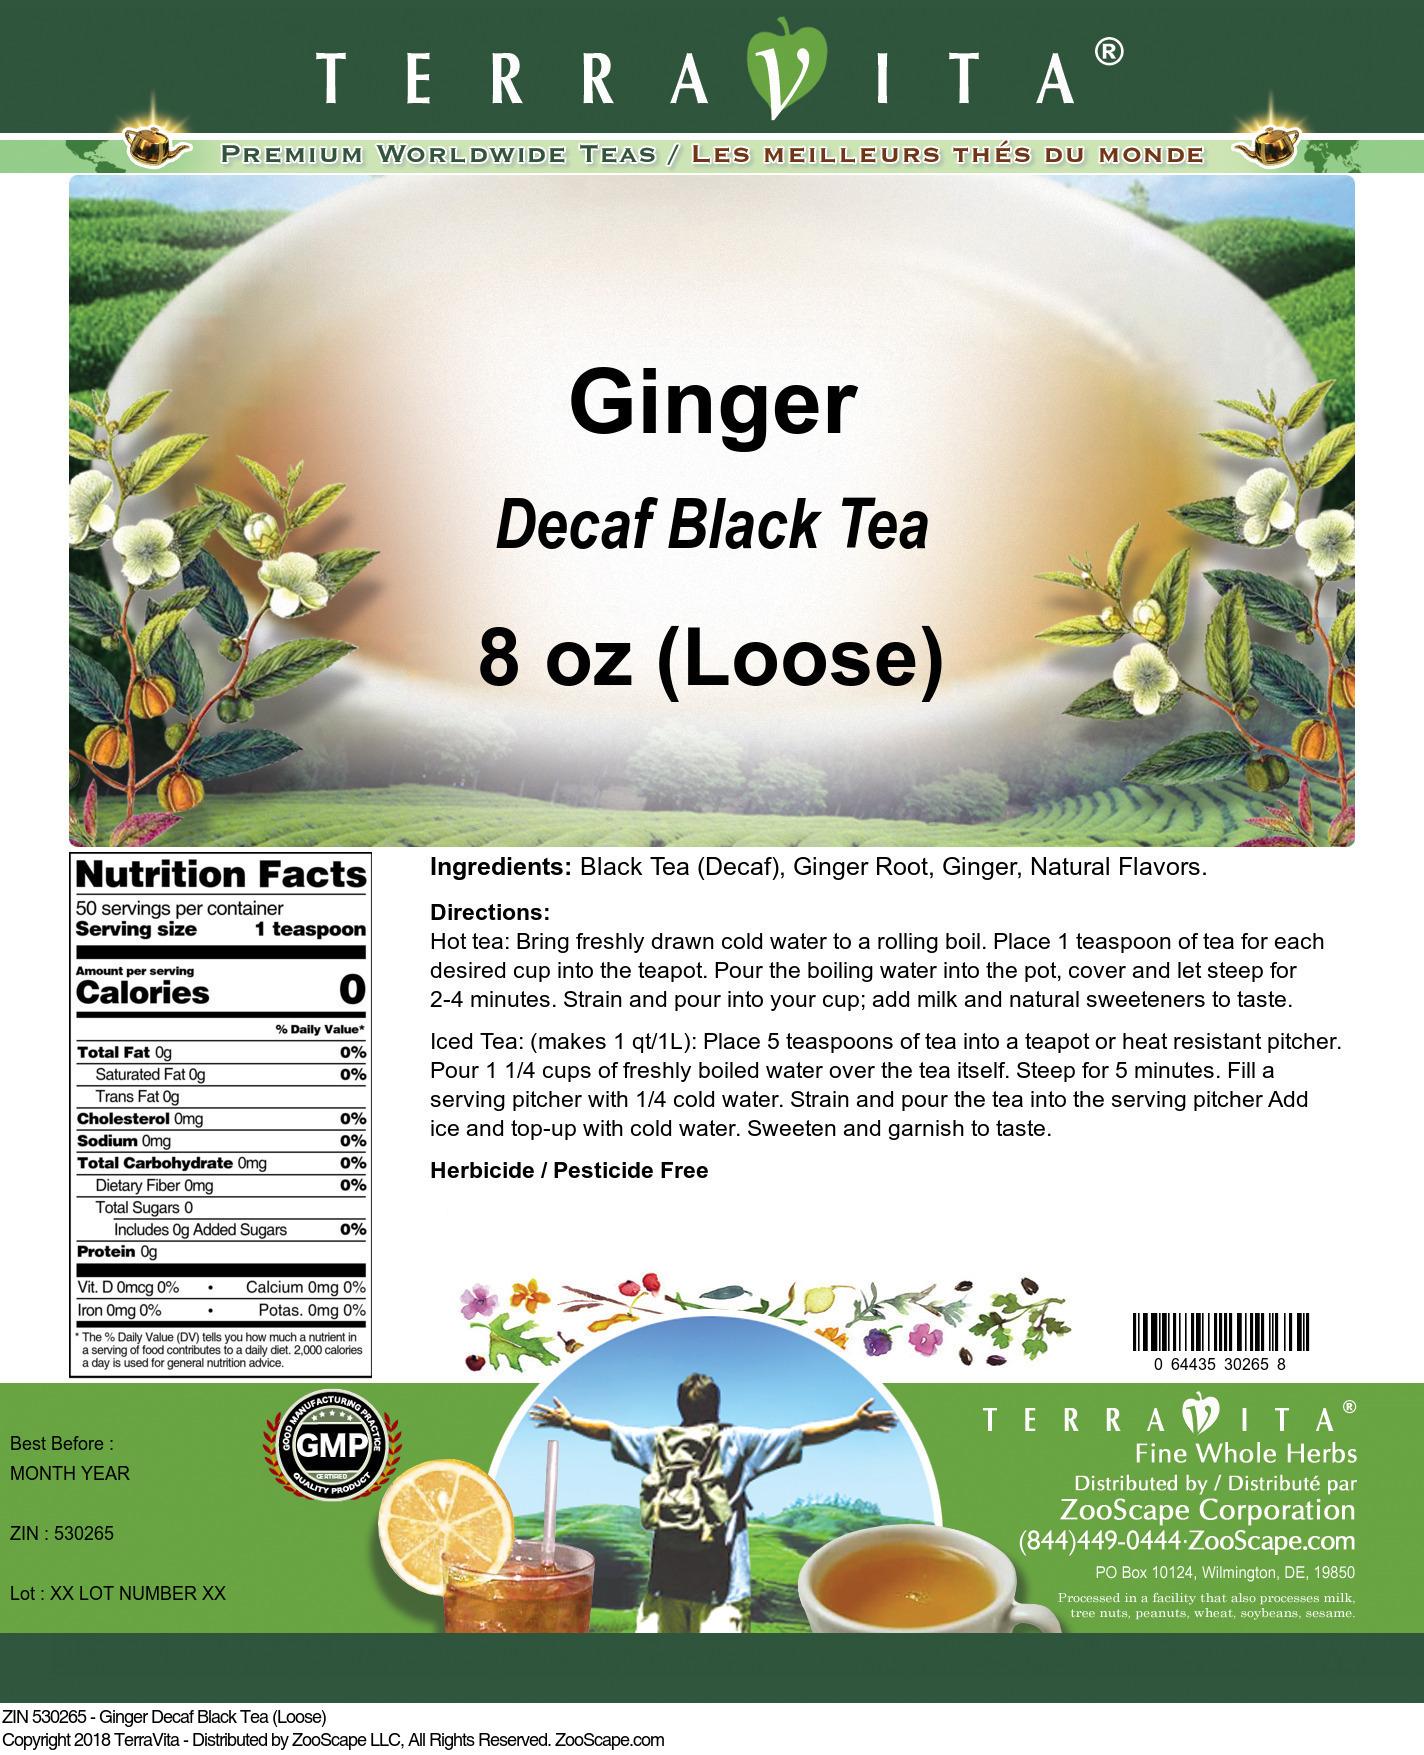 Ginger Decaf Black Tea (Loose)